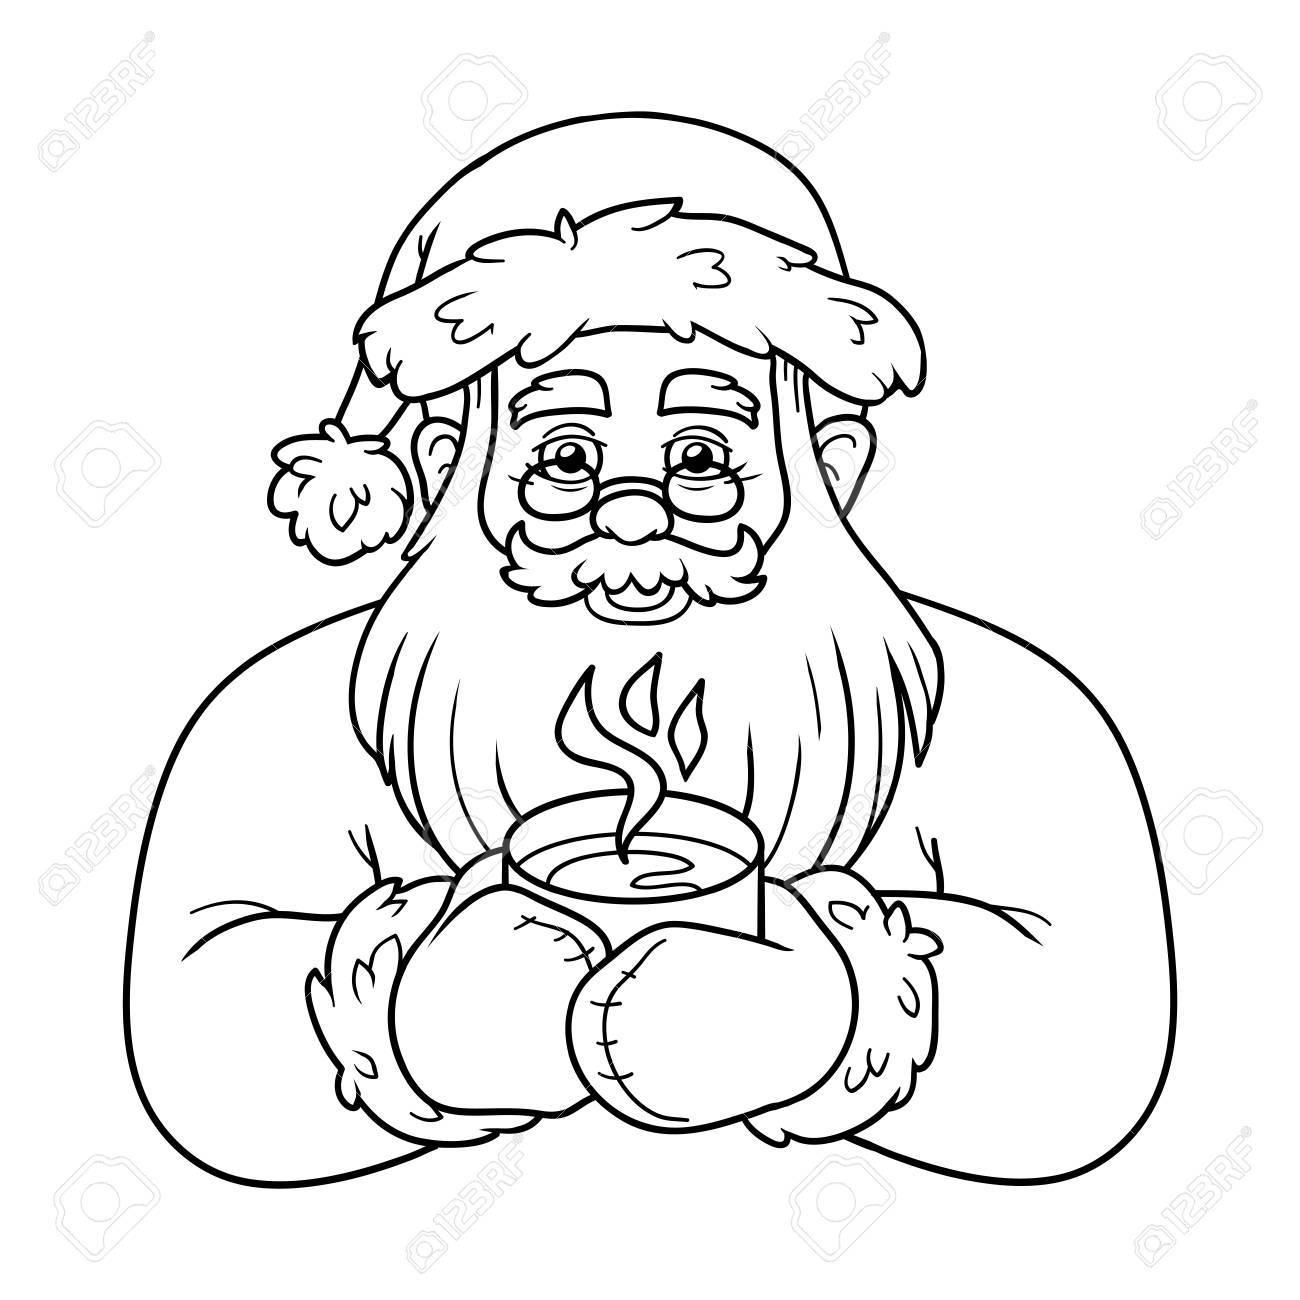 Libro Da Colorare Per Bambini Gioco Di Formazione Il Babbo Natale E Tè